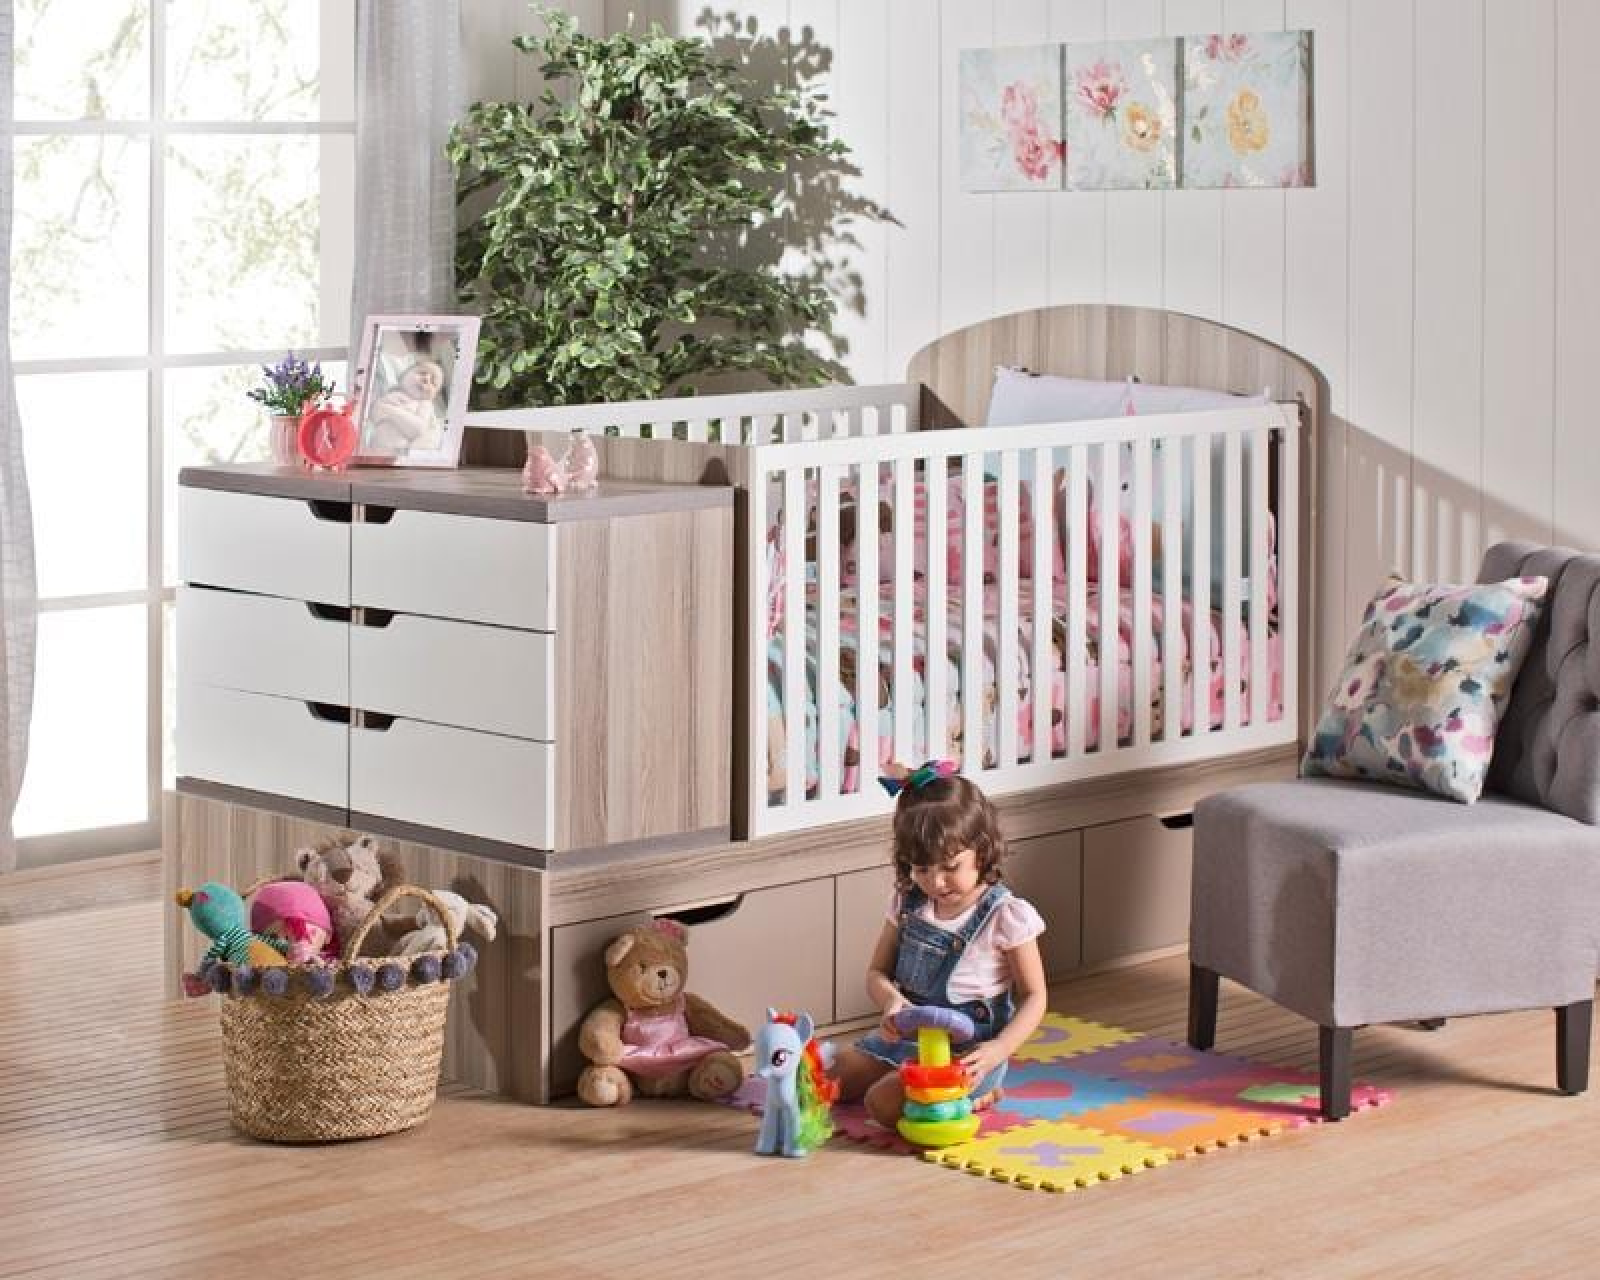 Cunas para bebés en línea | Coppel.com